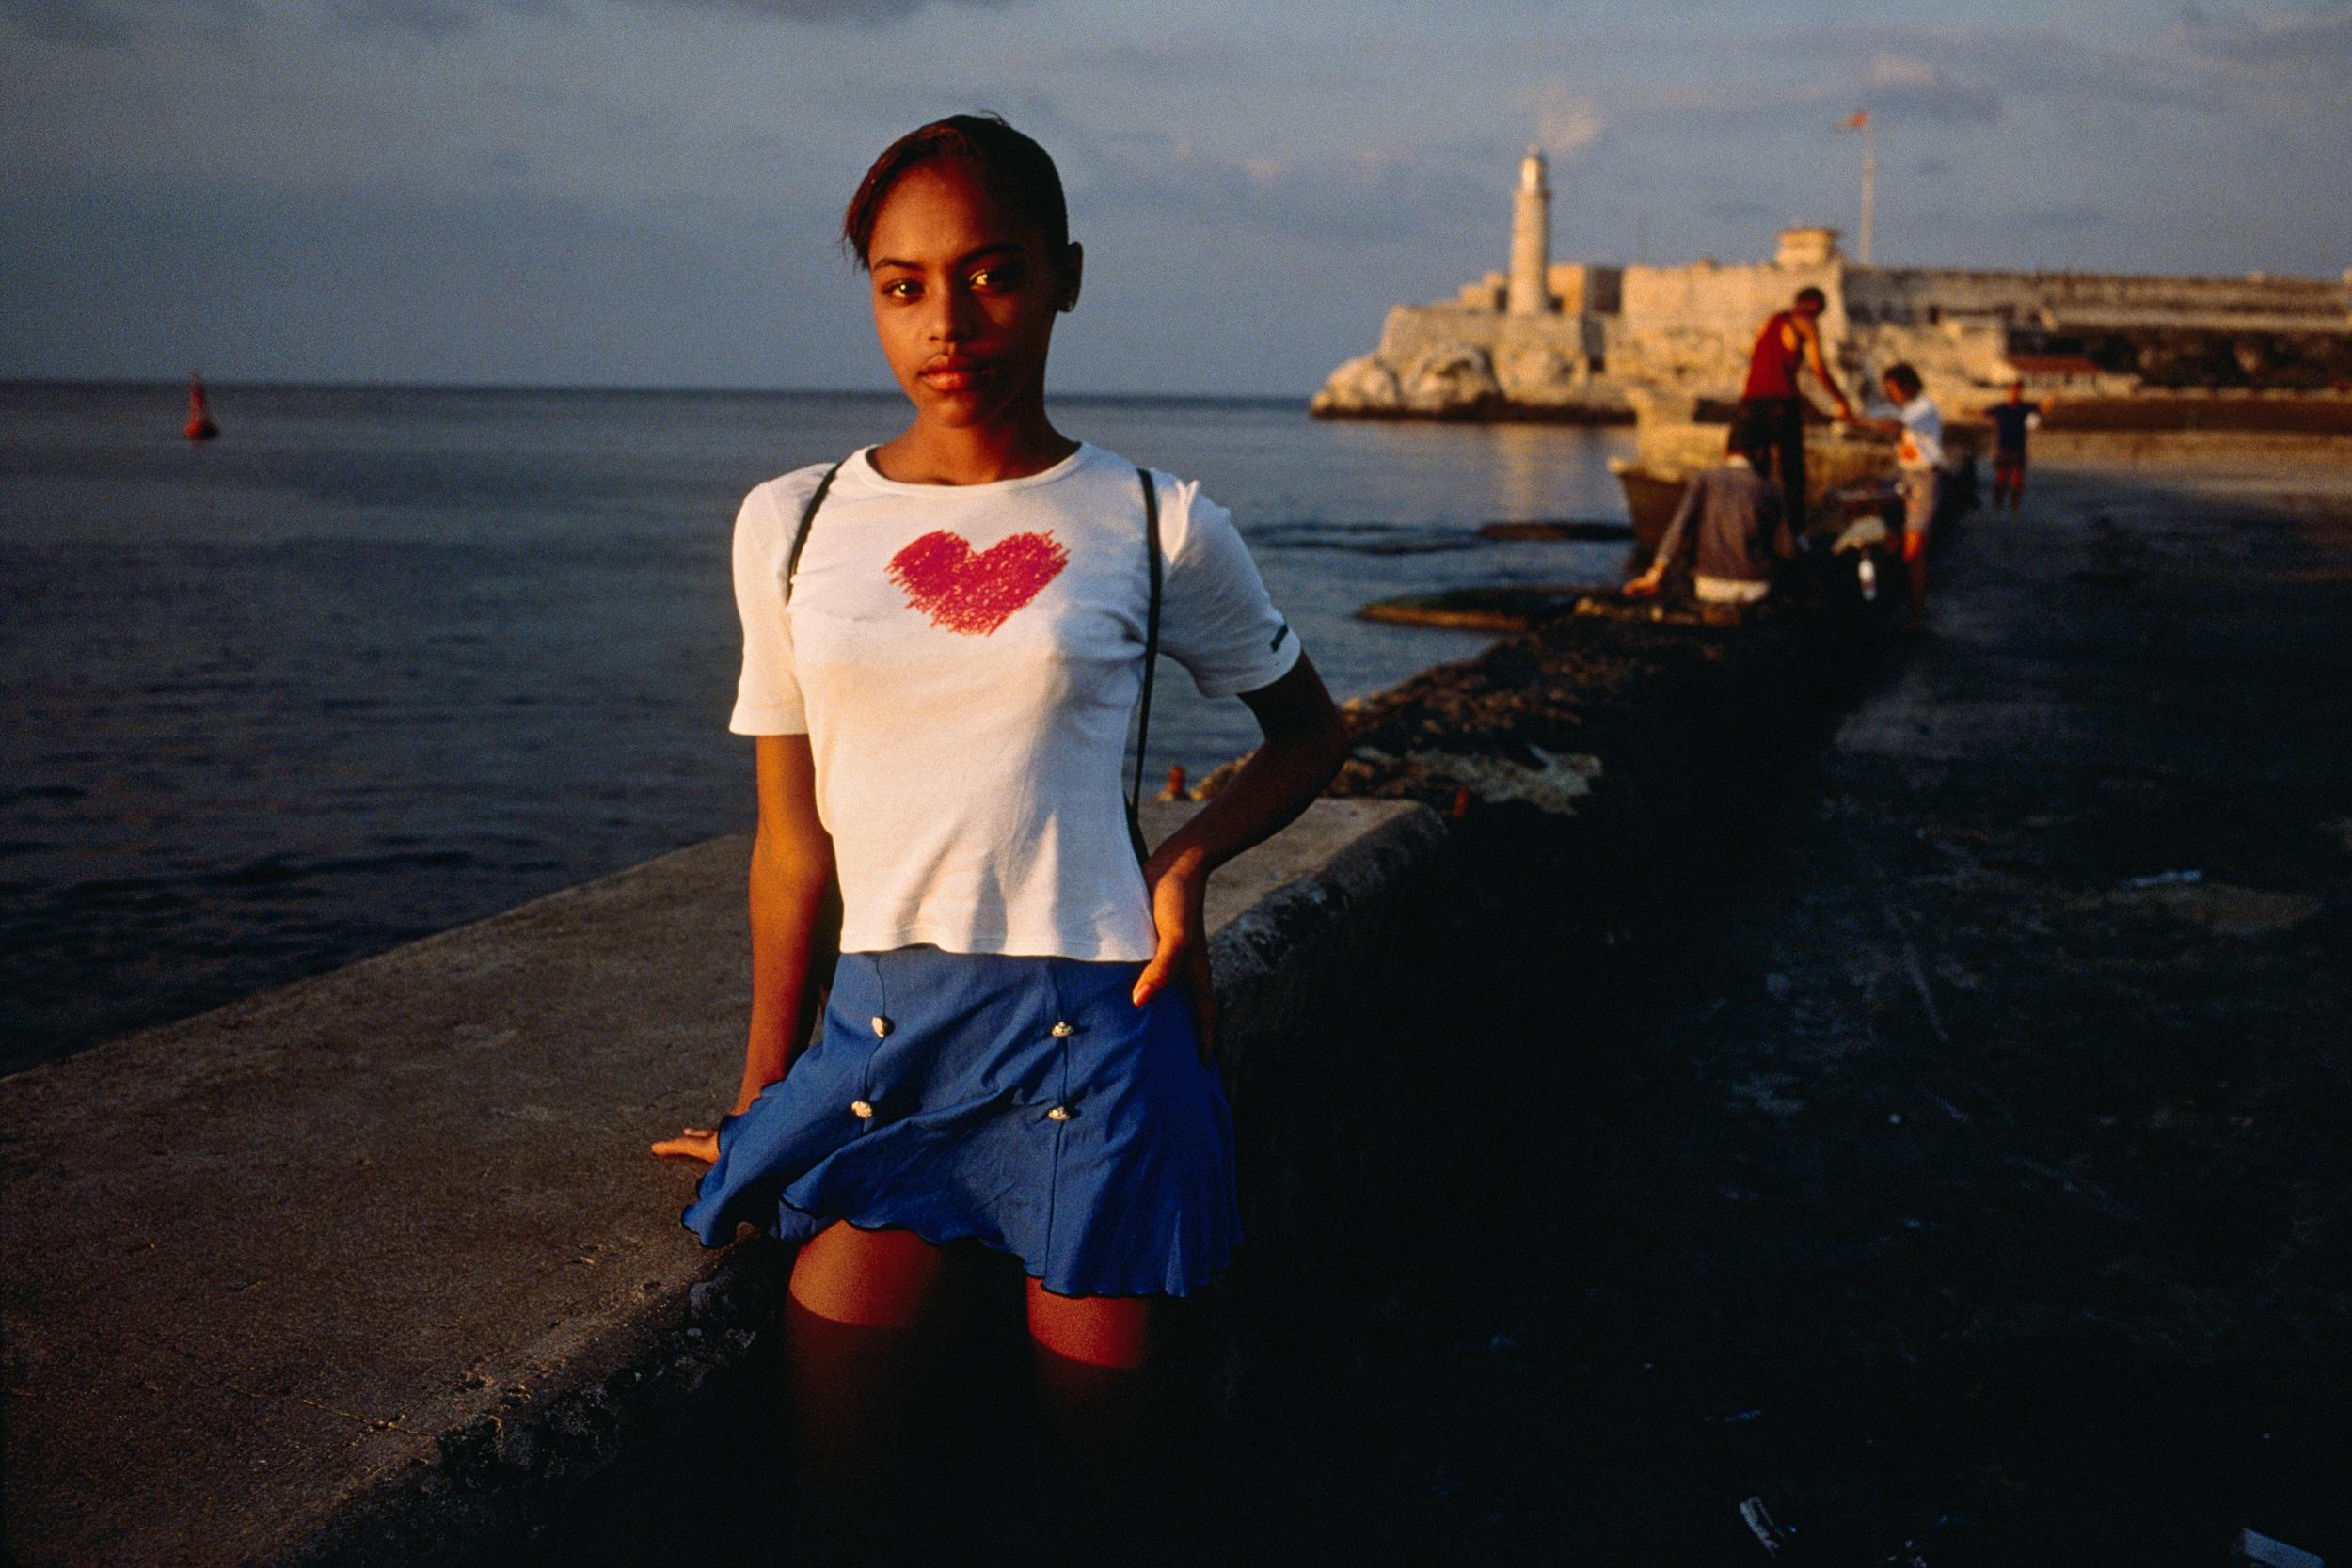 Cuba_0013-lambda WEB.jpg